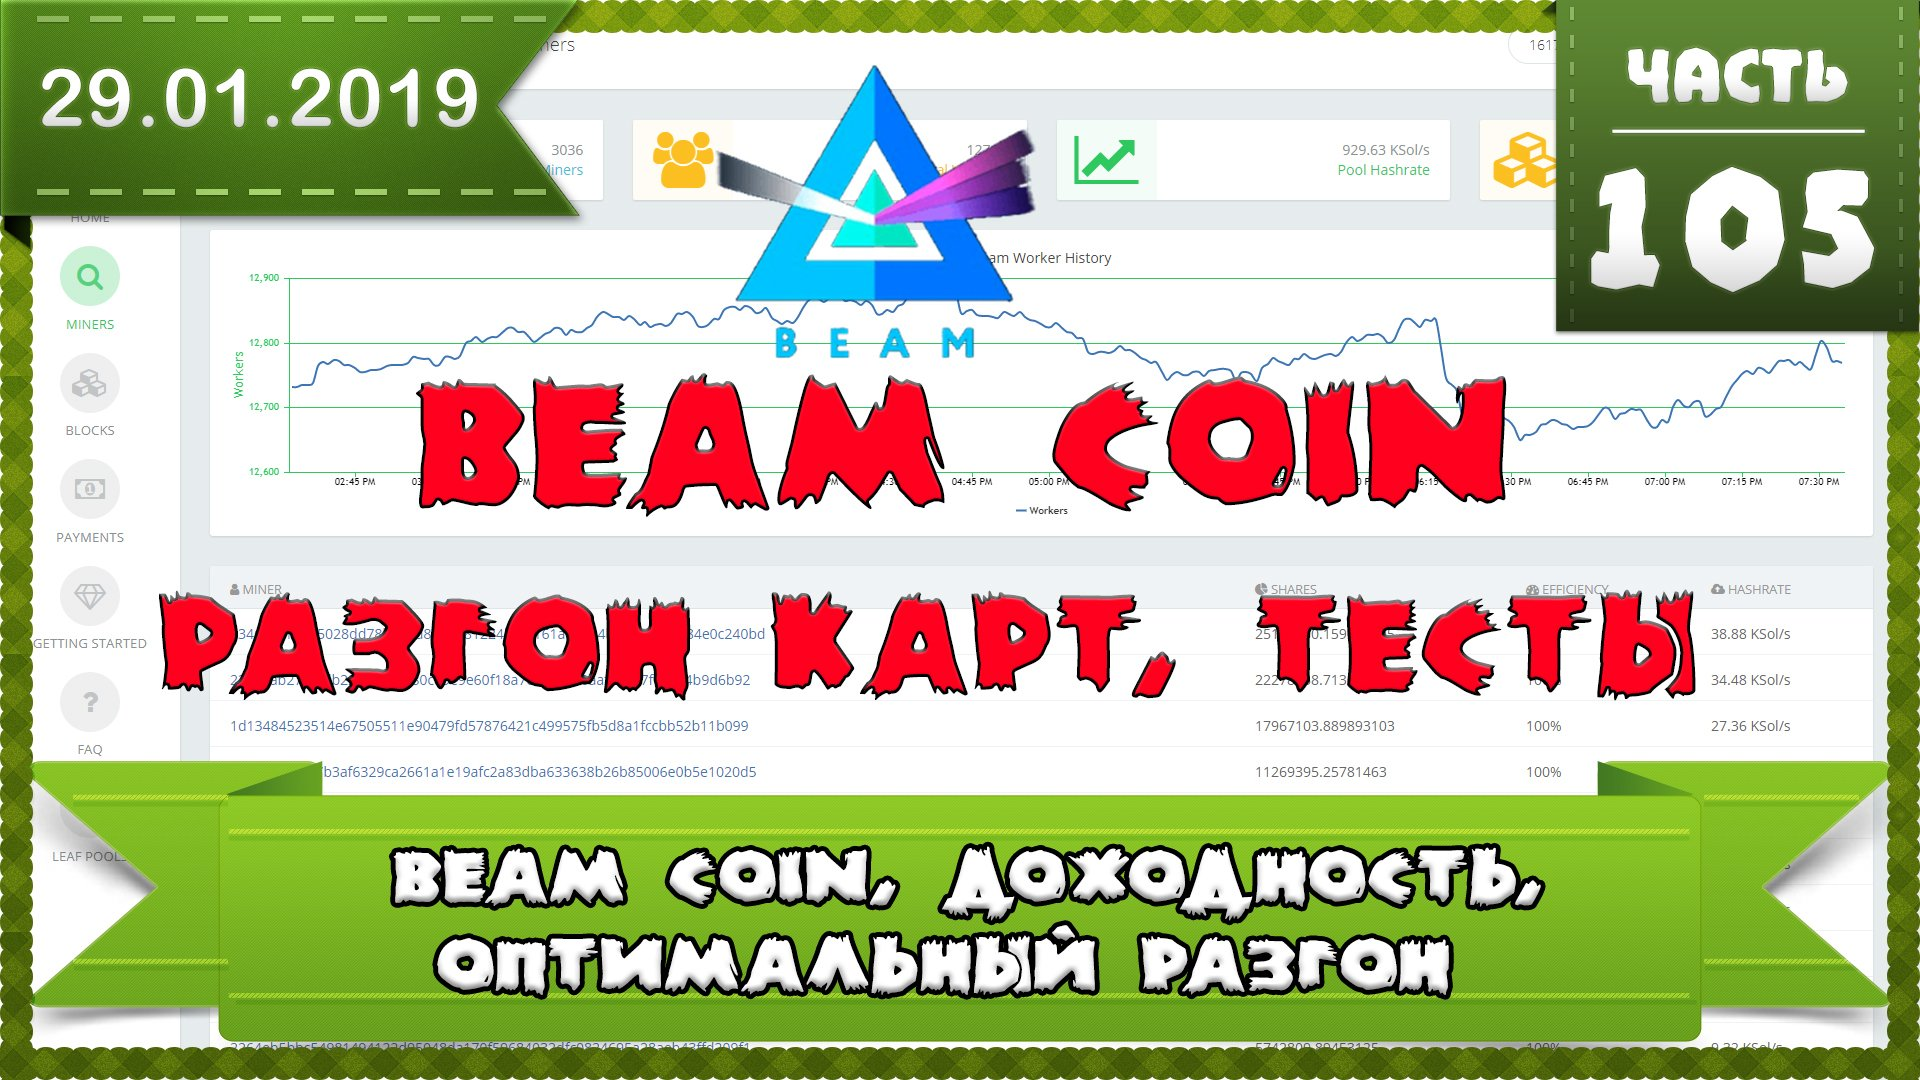 Доходность монеты BEAM, тесты разгона под монету BEAM, оптимальный разгон видеокарты GTX 1060